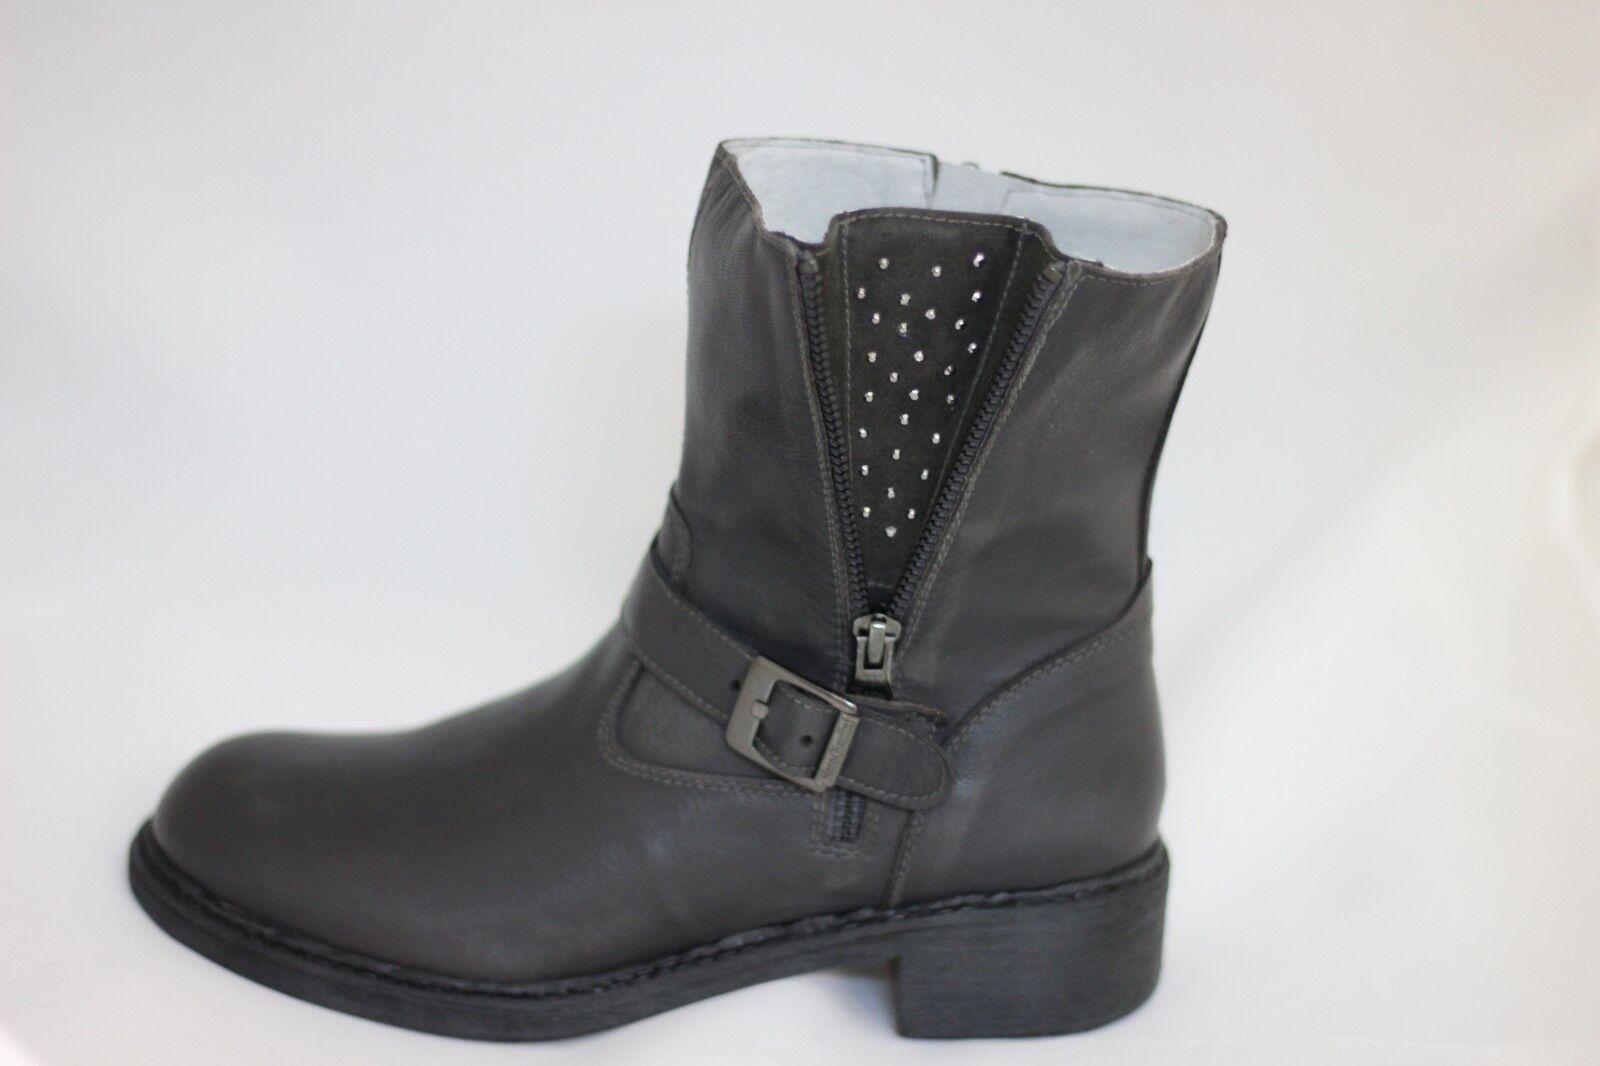 NERO GIARDINI Stivale tronchetto scarpa pelle donna grigio piombo 531150 36 37